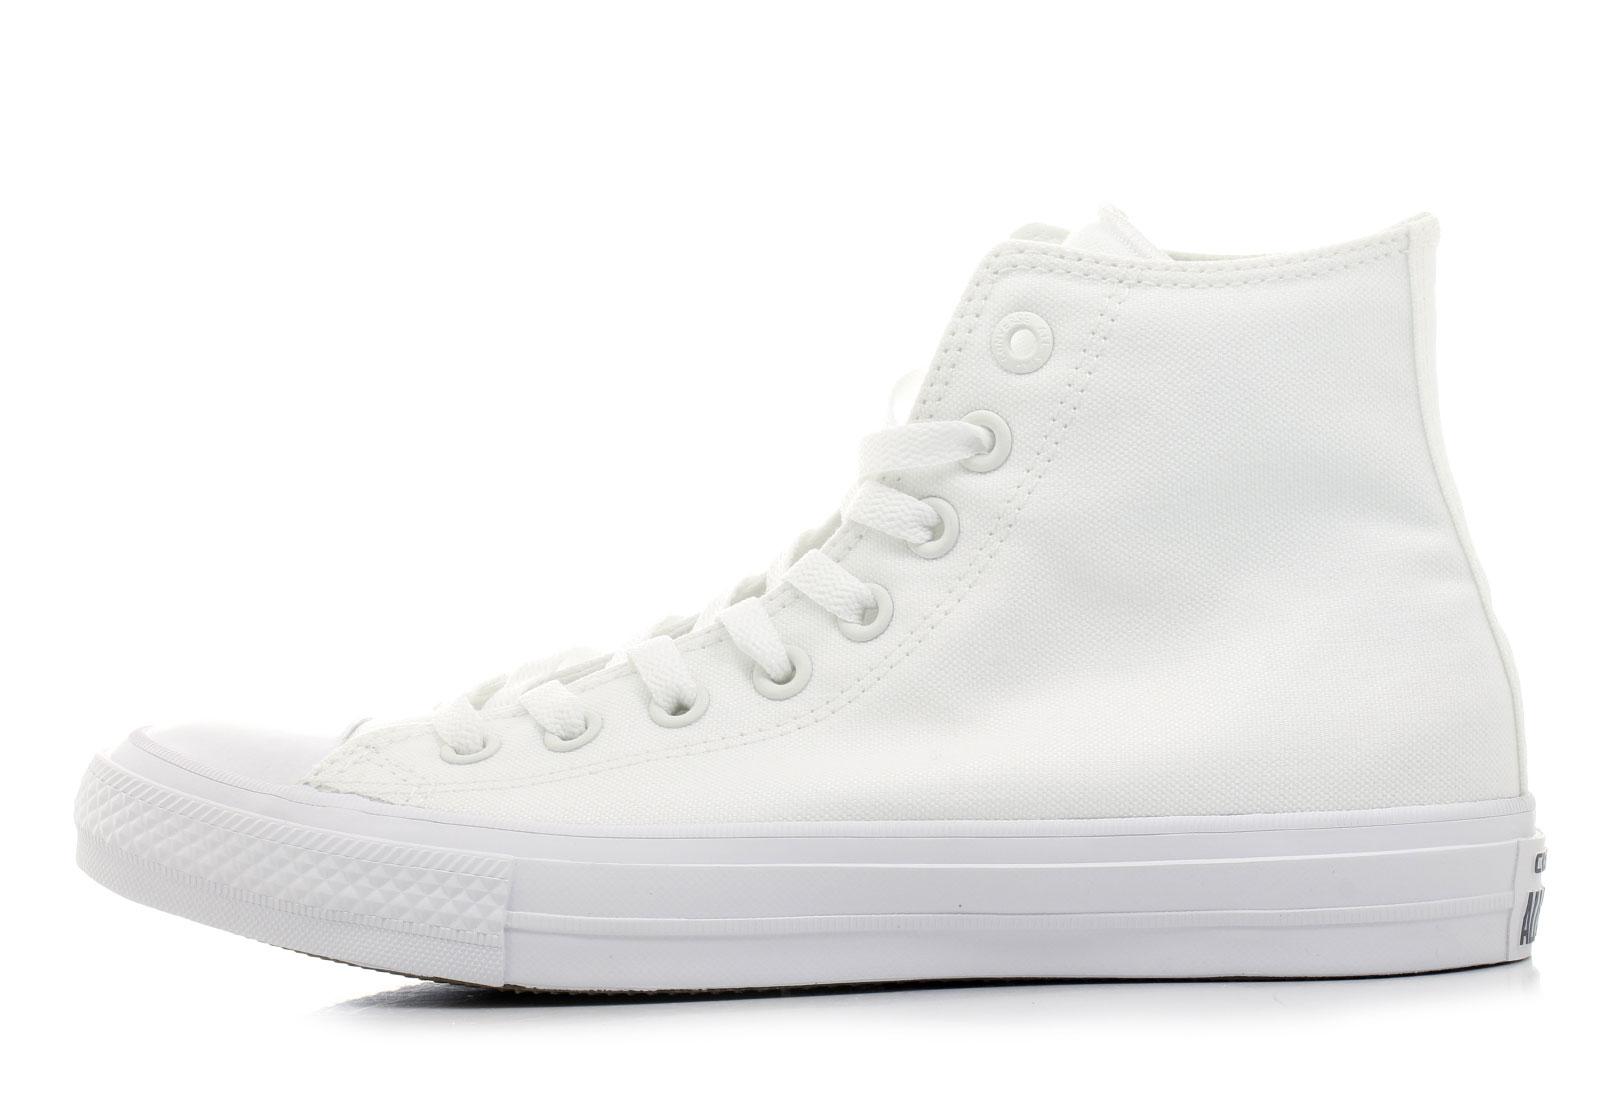 Converse Visoke Cipele Bijele Tenisice - Chuck Taylor All Star II ... 86c58a10130